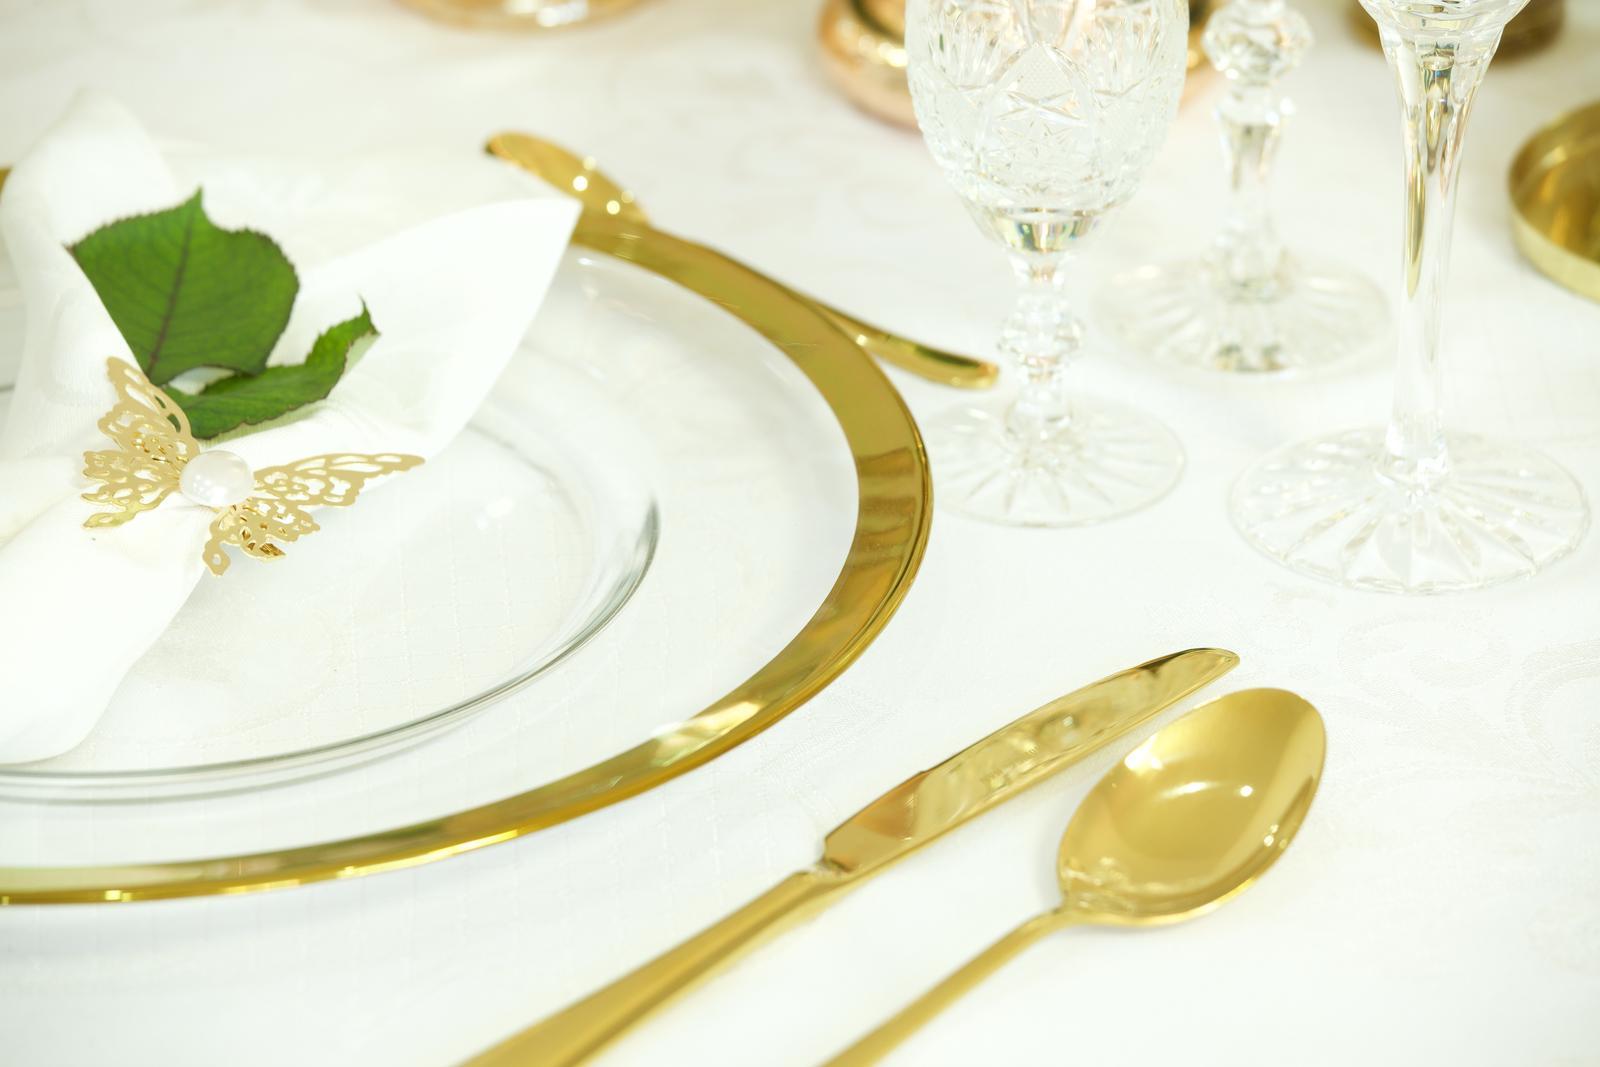 Klubové taniere na predaj - hladké so zlatým lemom - Obrázok č. 2